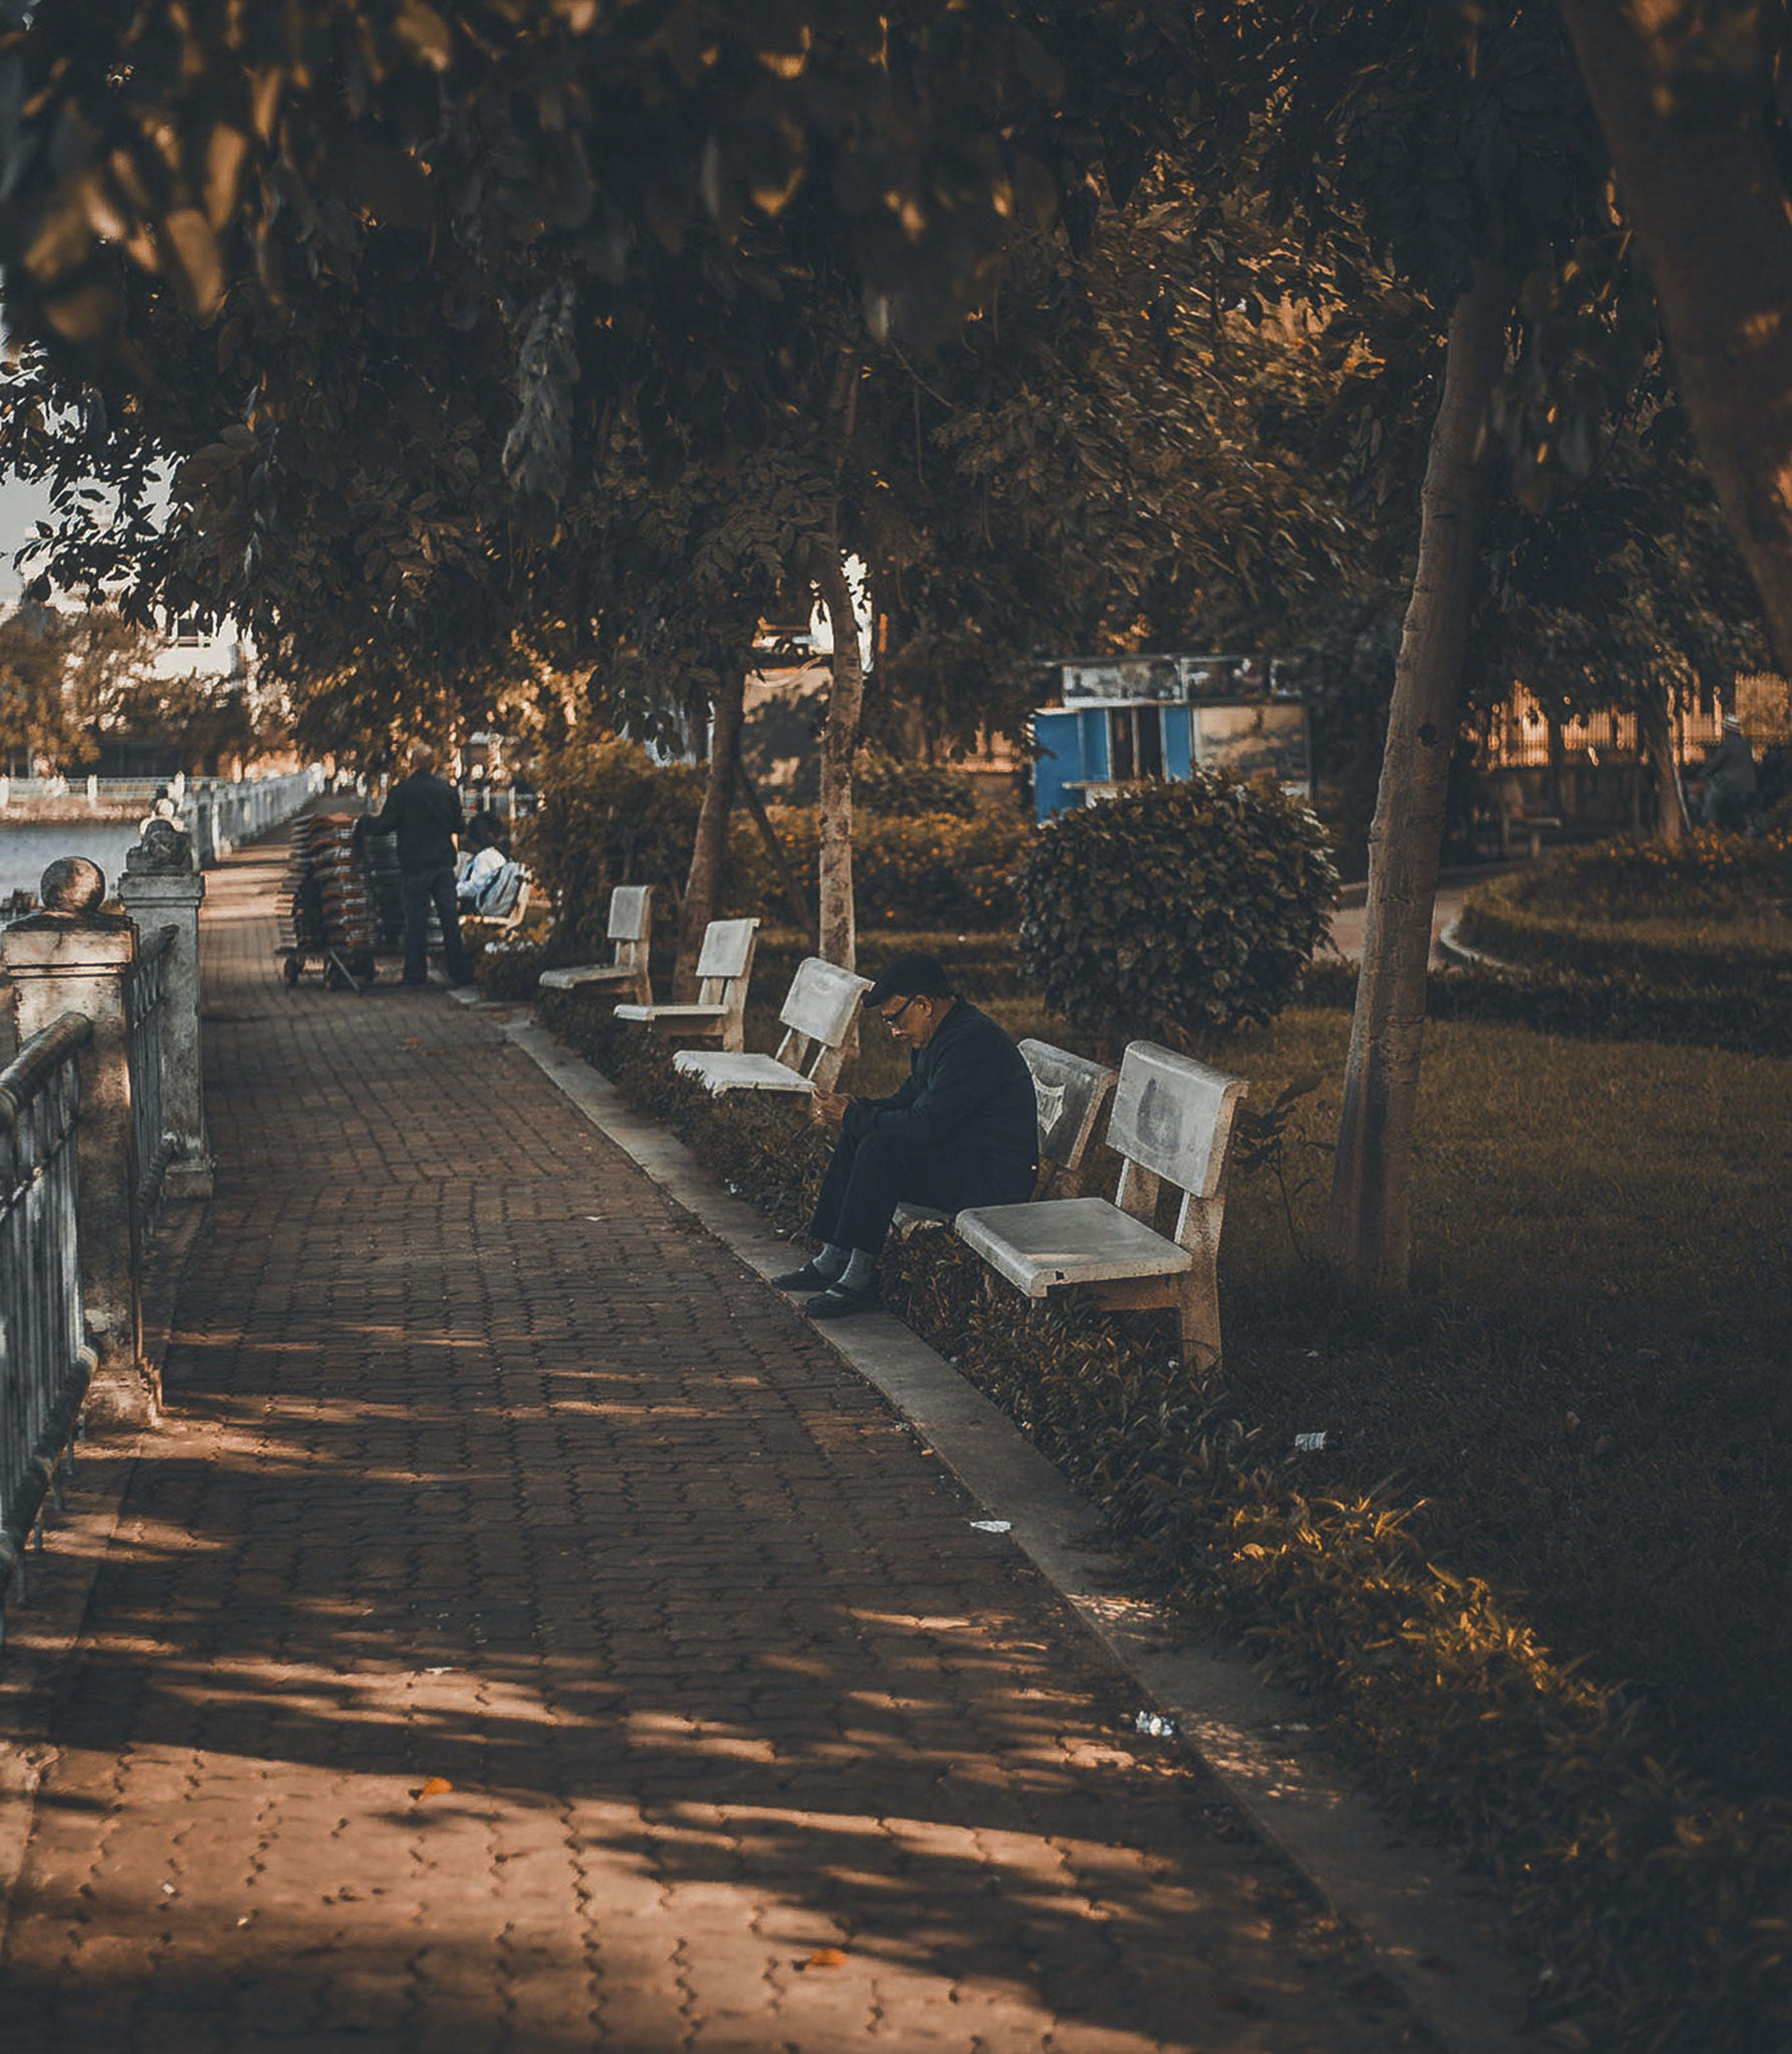 Fotos de stock gratuitas de anciano, bancos, hombre, parque